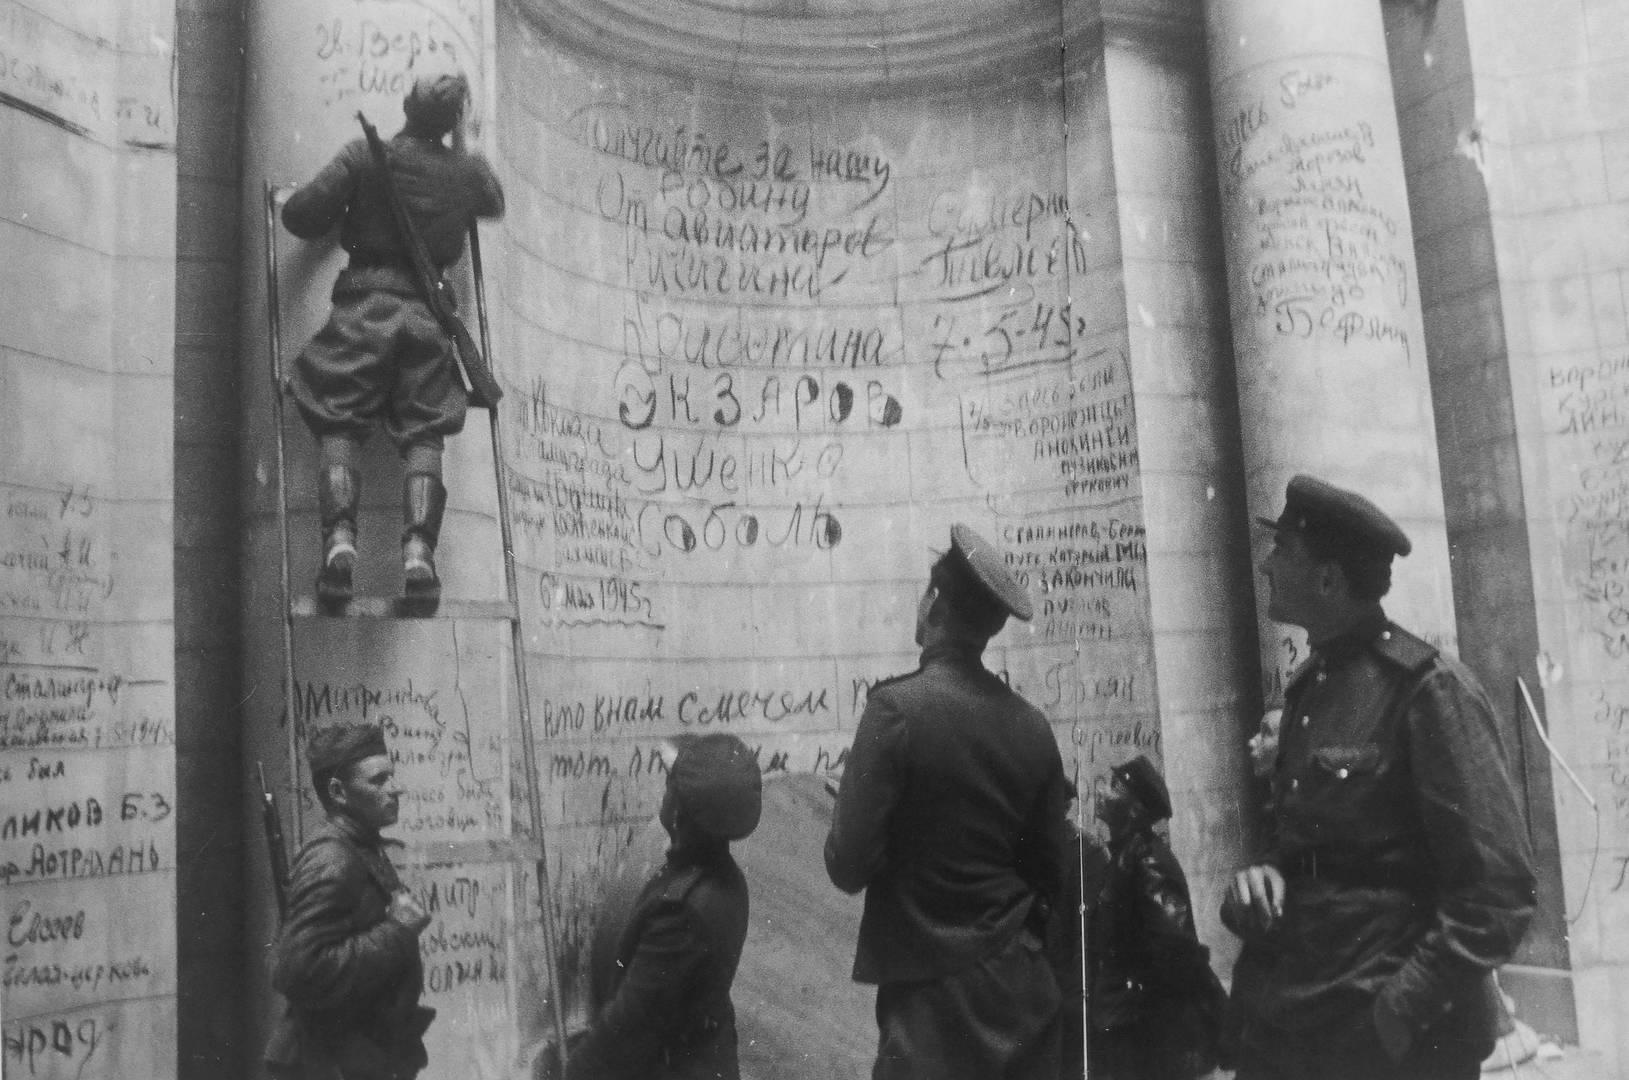 Советские бойцы и командиры оставляют победные надписи и свои фамилии на стенах Рейхстага. Май 1945